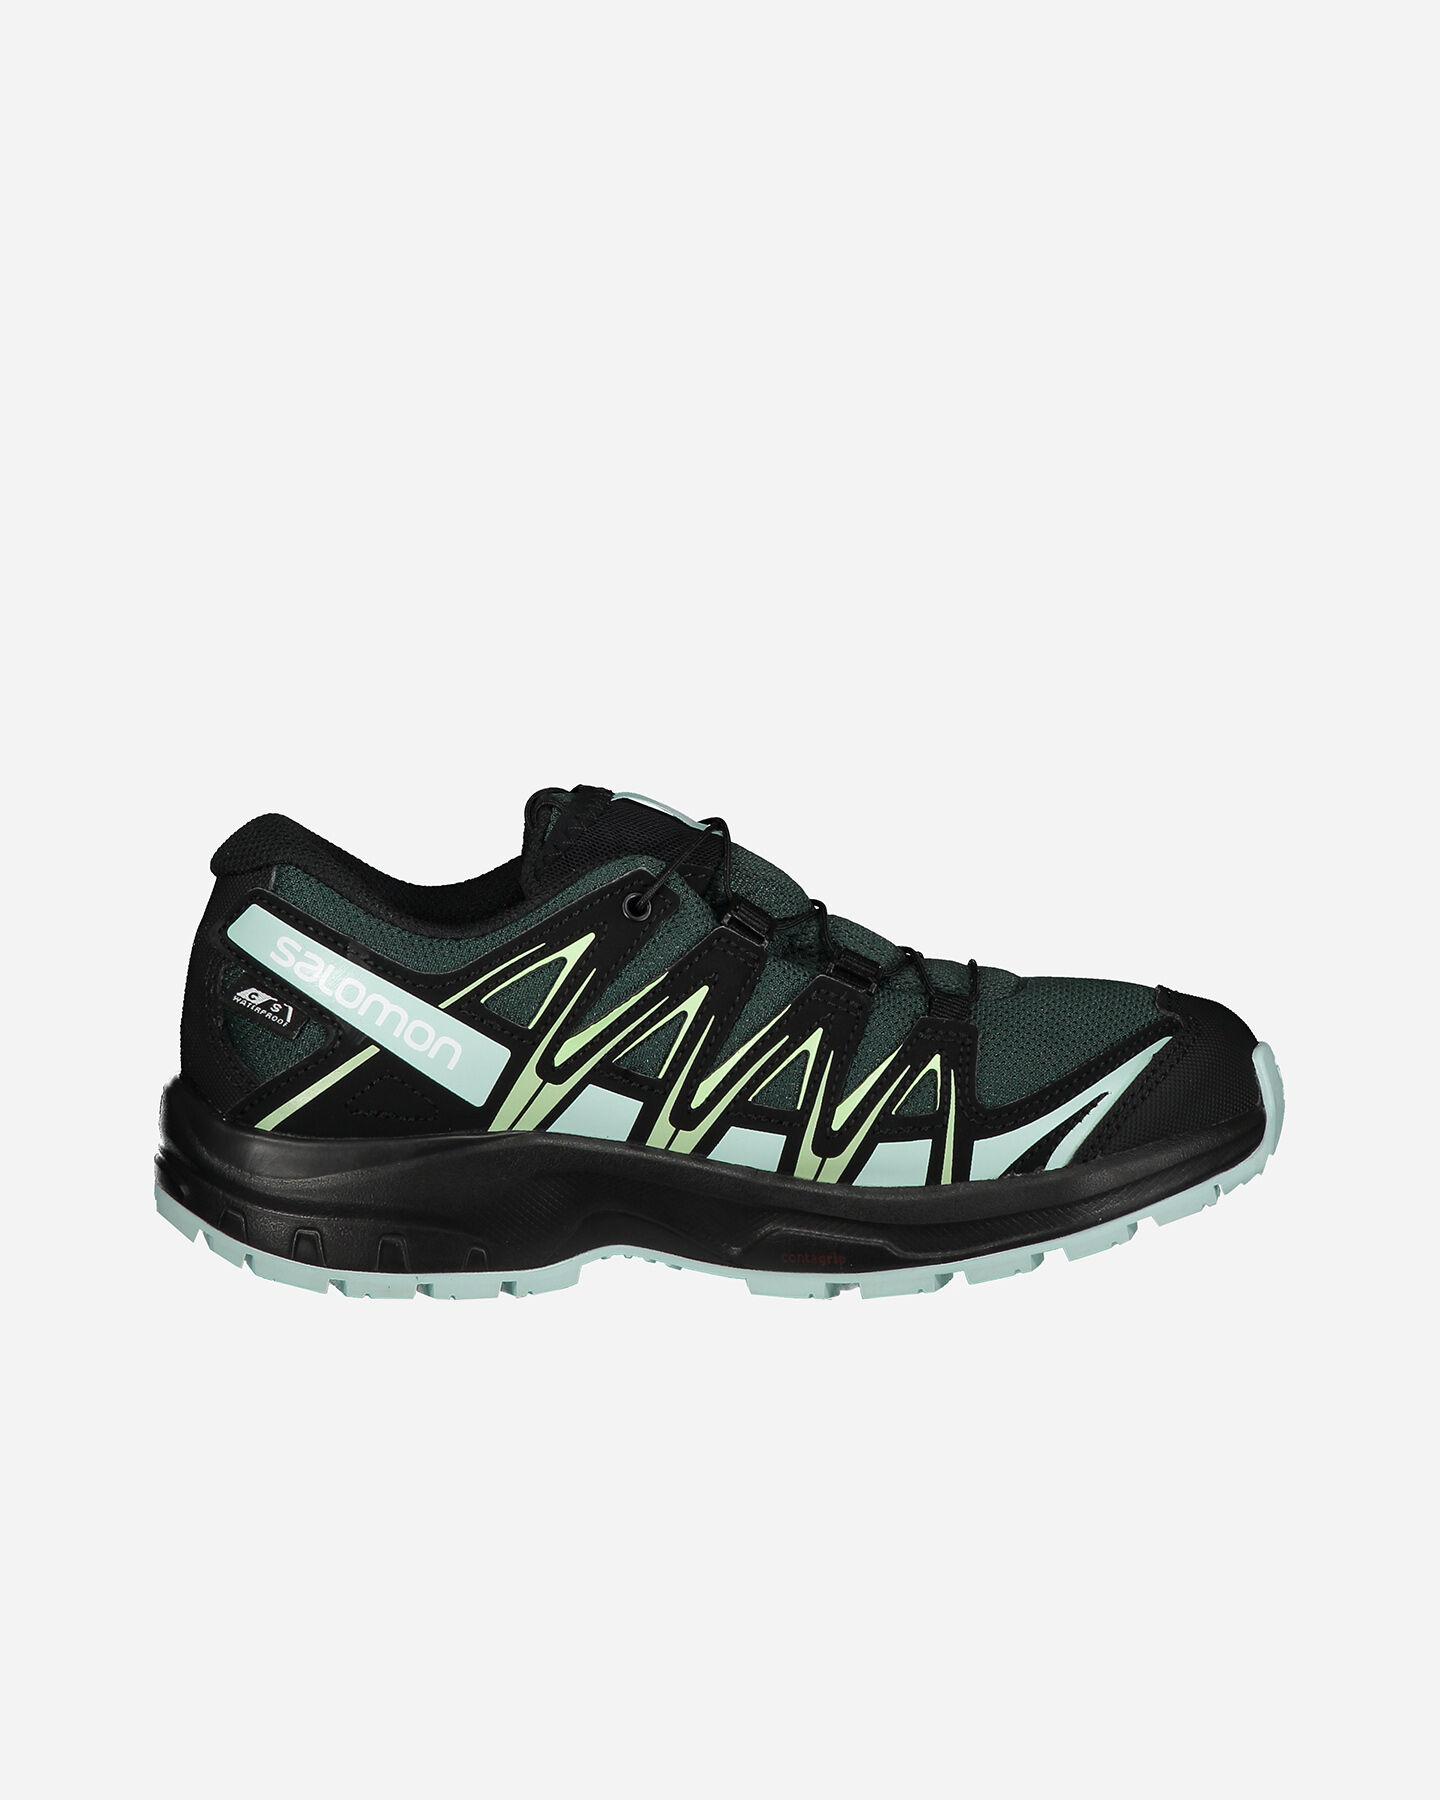 Scarpe trail SALOMON XA PRO 3D CSWP JR S5197215 scatto 0